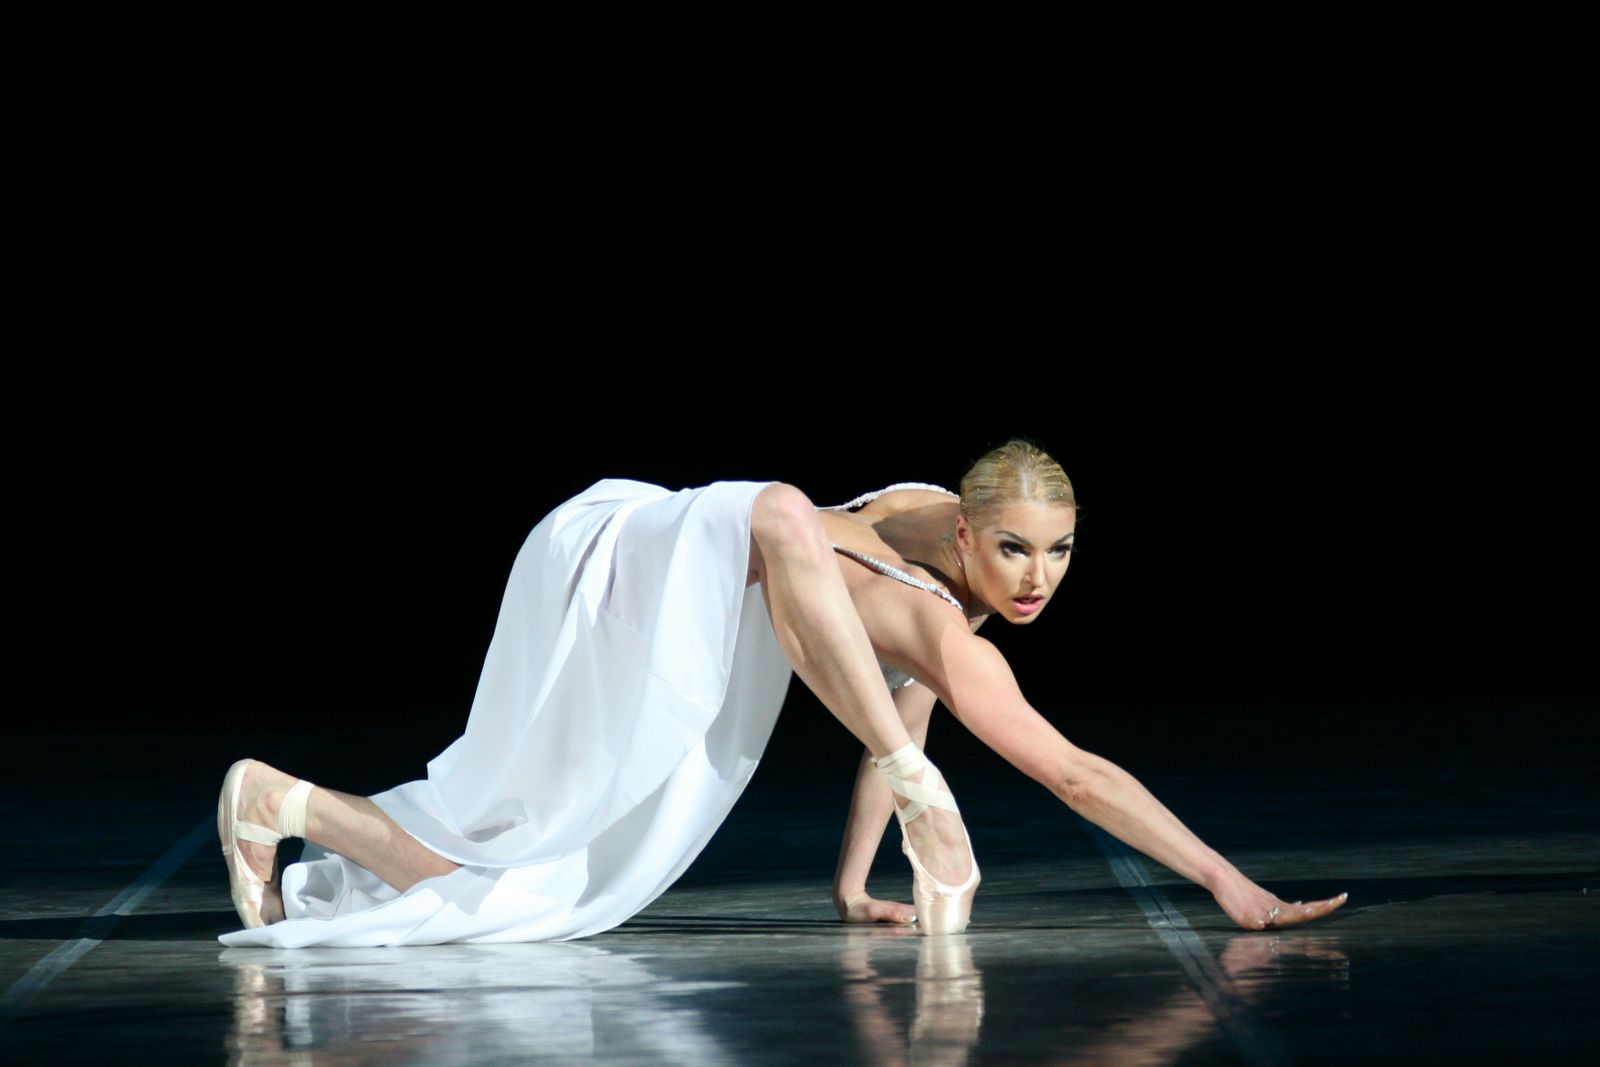 Фото известных мужчин балерин 12 фотография